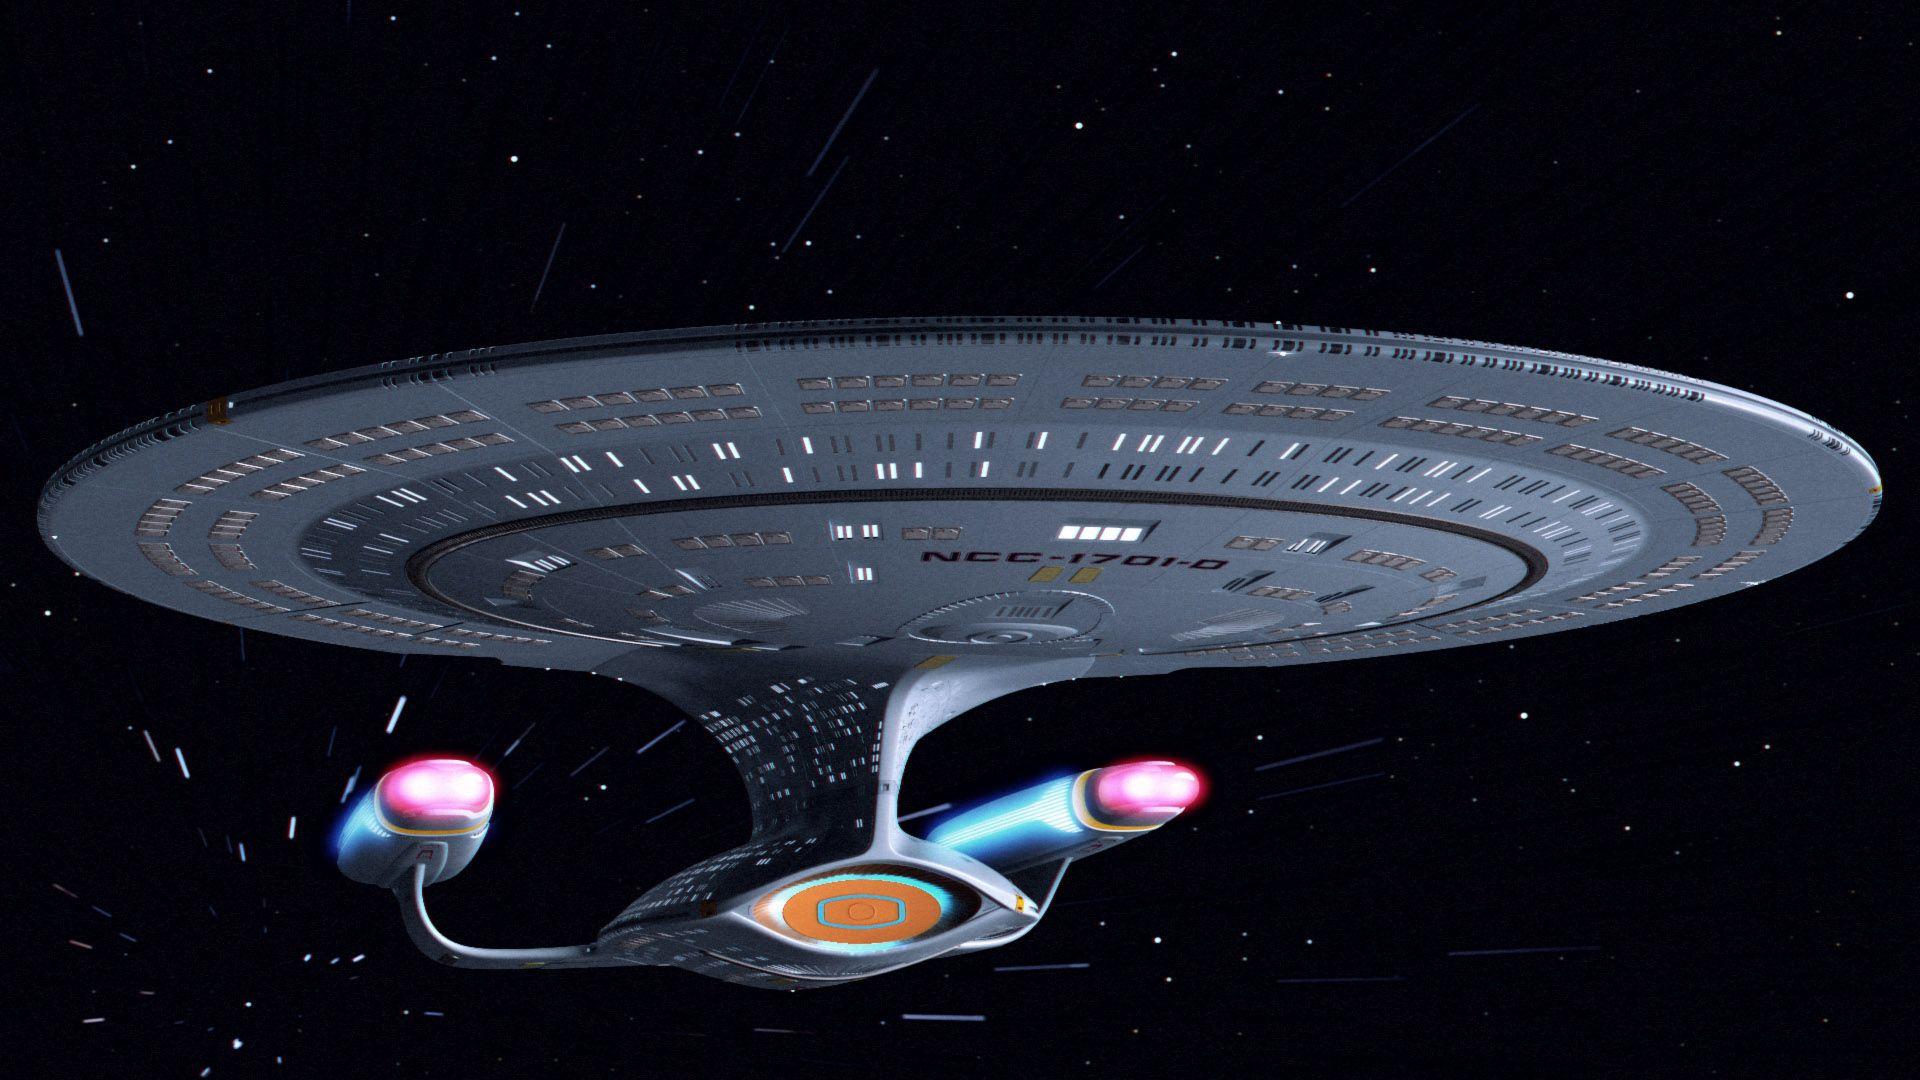 Uss enterprise ncc 1701 d